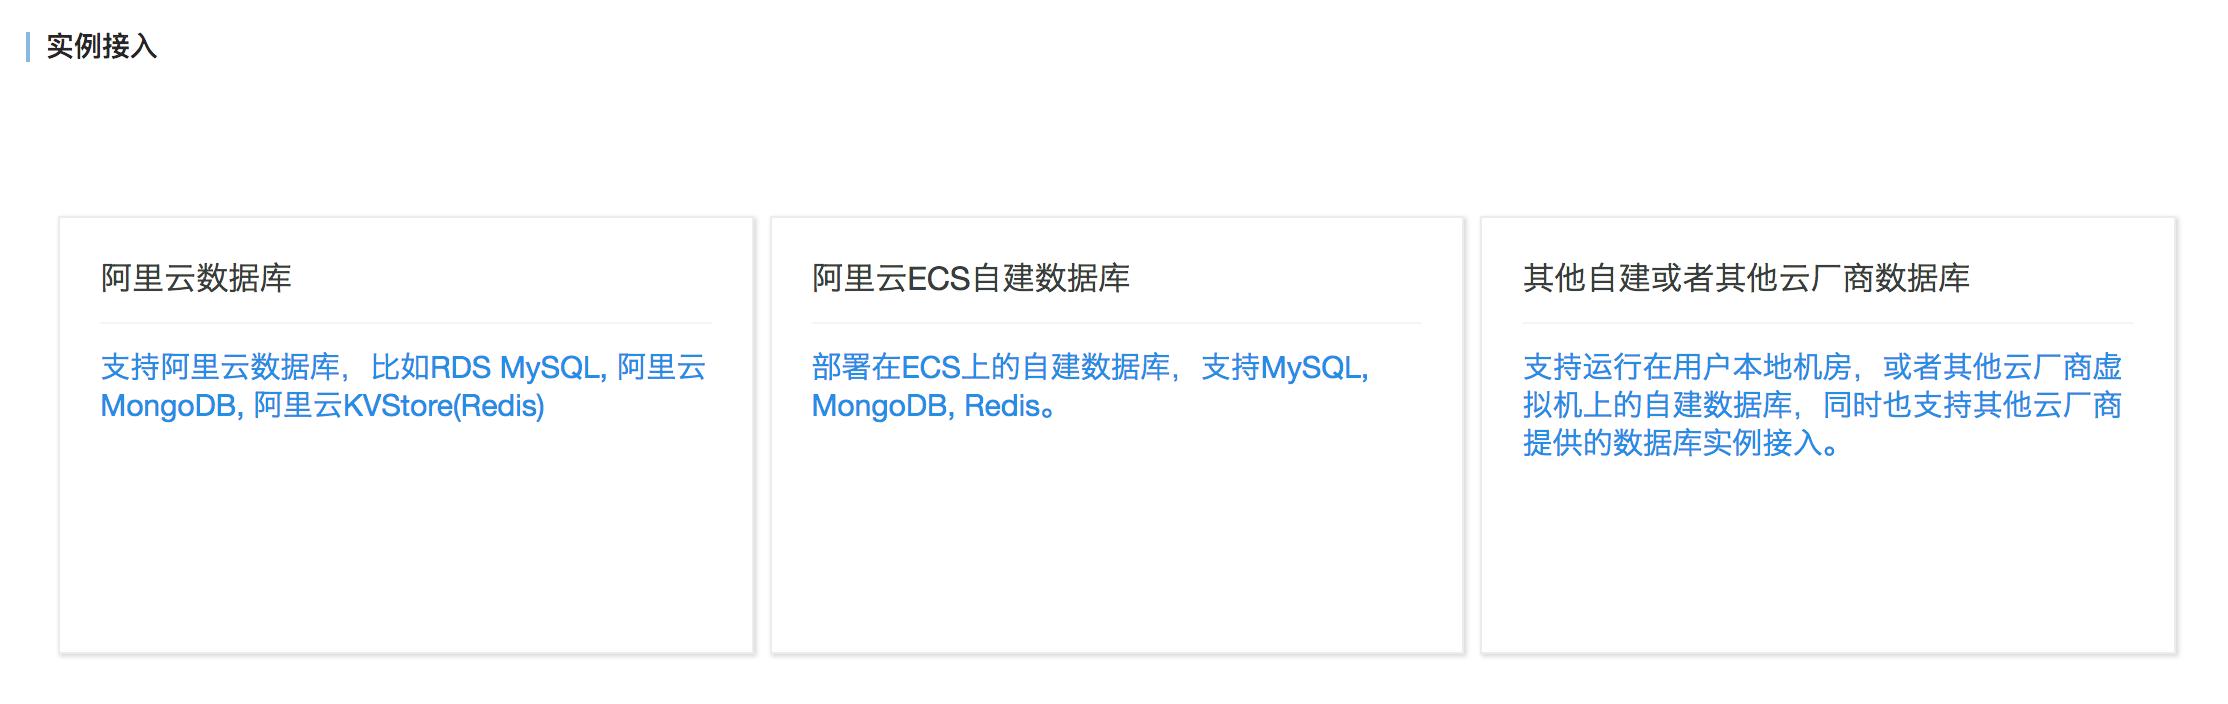 HDM_user_manual_196